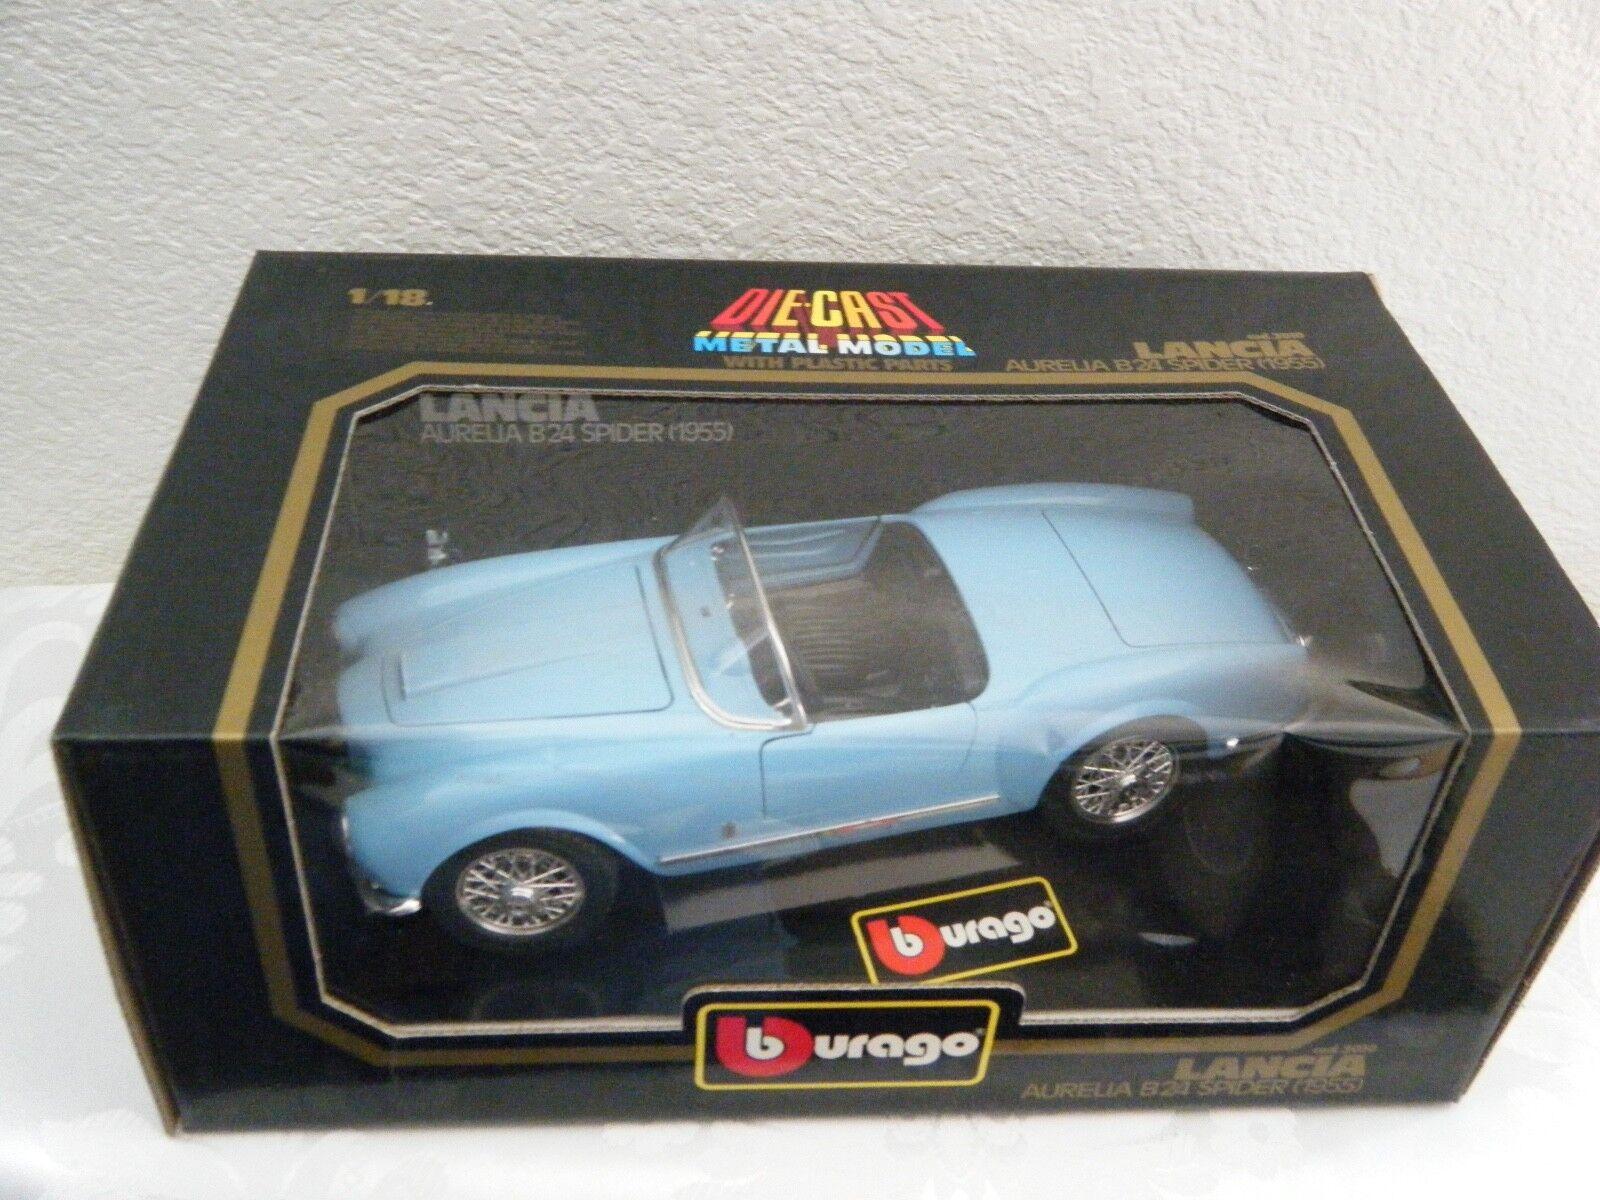 liquidazione BBURAGO LANCIA LANCIA LANCIA AURELIA B24 SPIDER - blu 1955  1 18 - DIE CAST METAL modello 3010  prezzo all'ingrosso e qualità affidabile